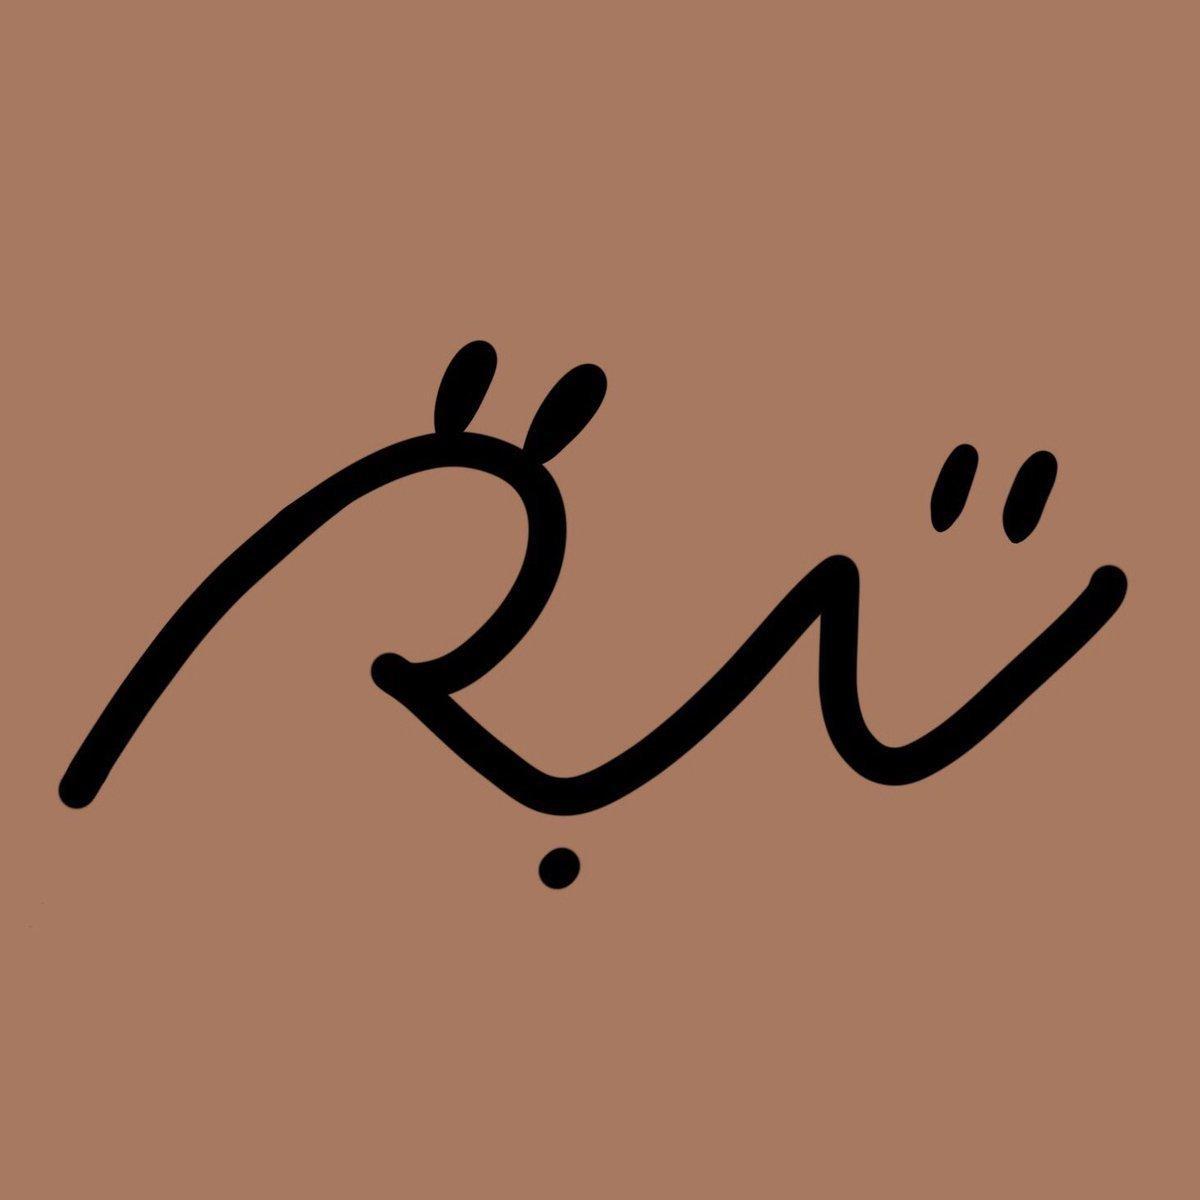 ロゴ製作いたします イメージに合ったロゴをシンプル且つおしゃれにします!